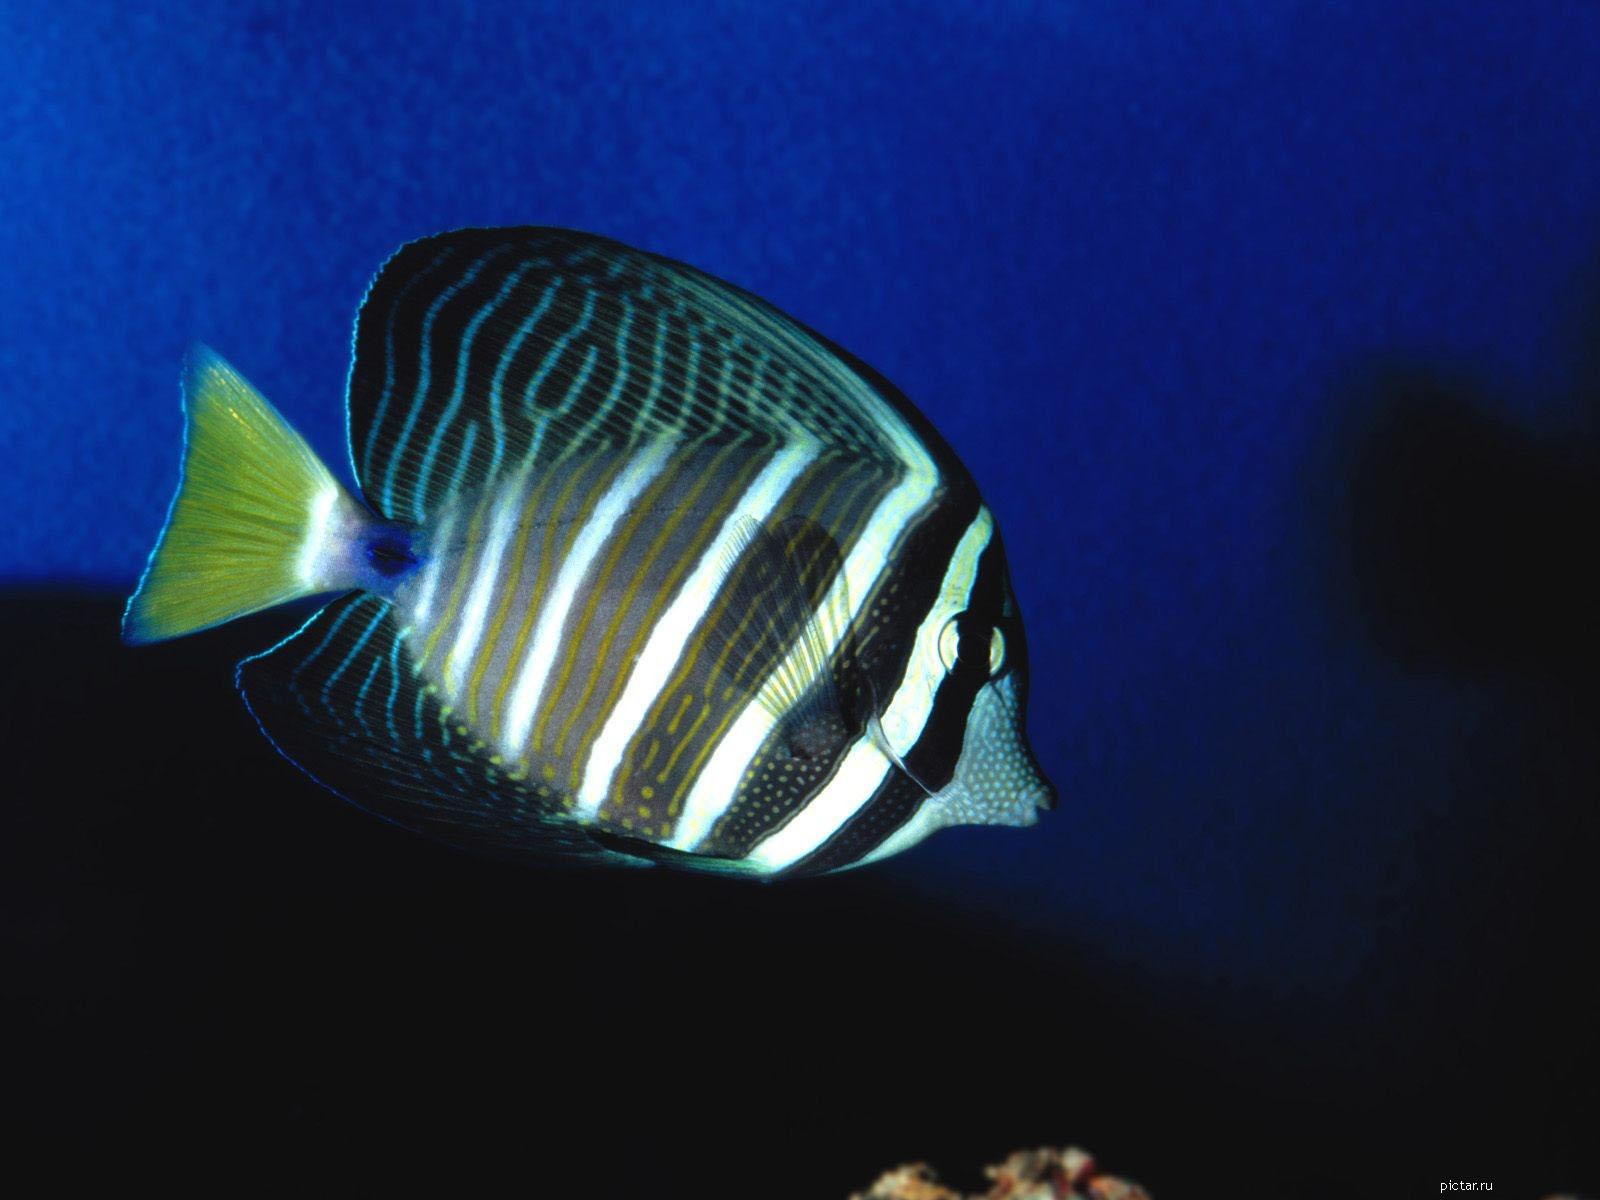 Картинка Плоская рыба - Картинки Подводный мир ... Морская Рыба В Воде